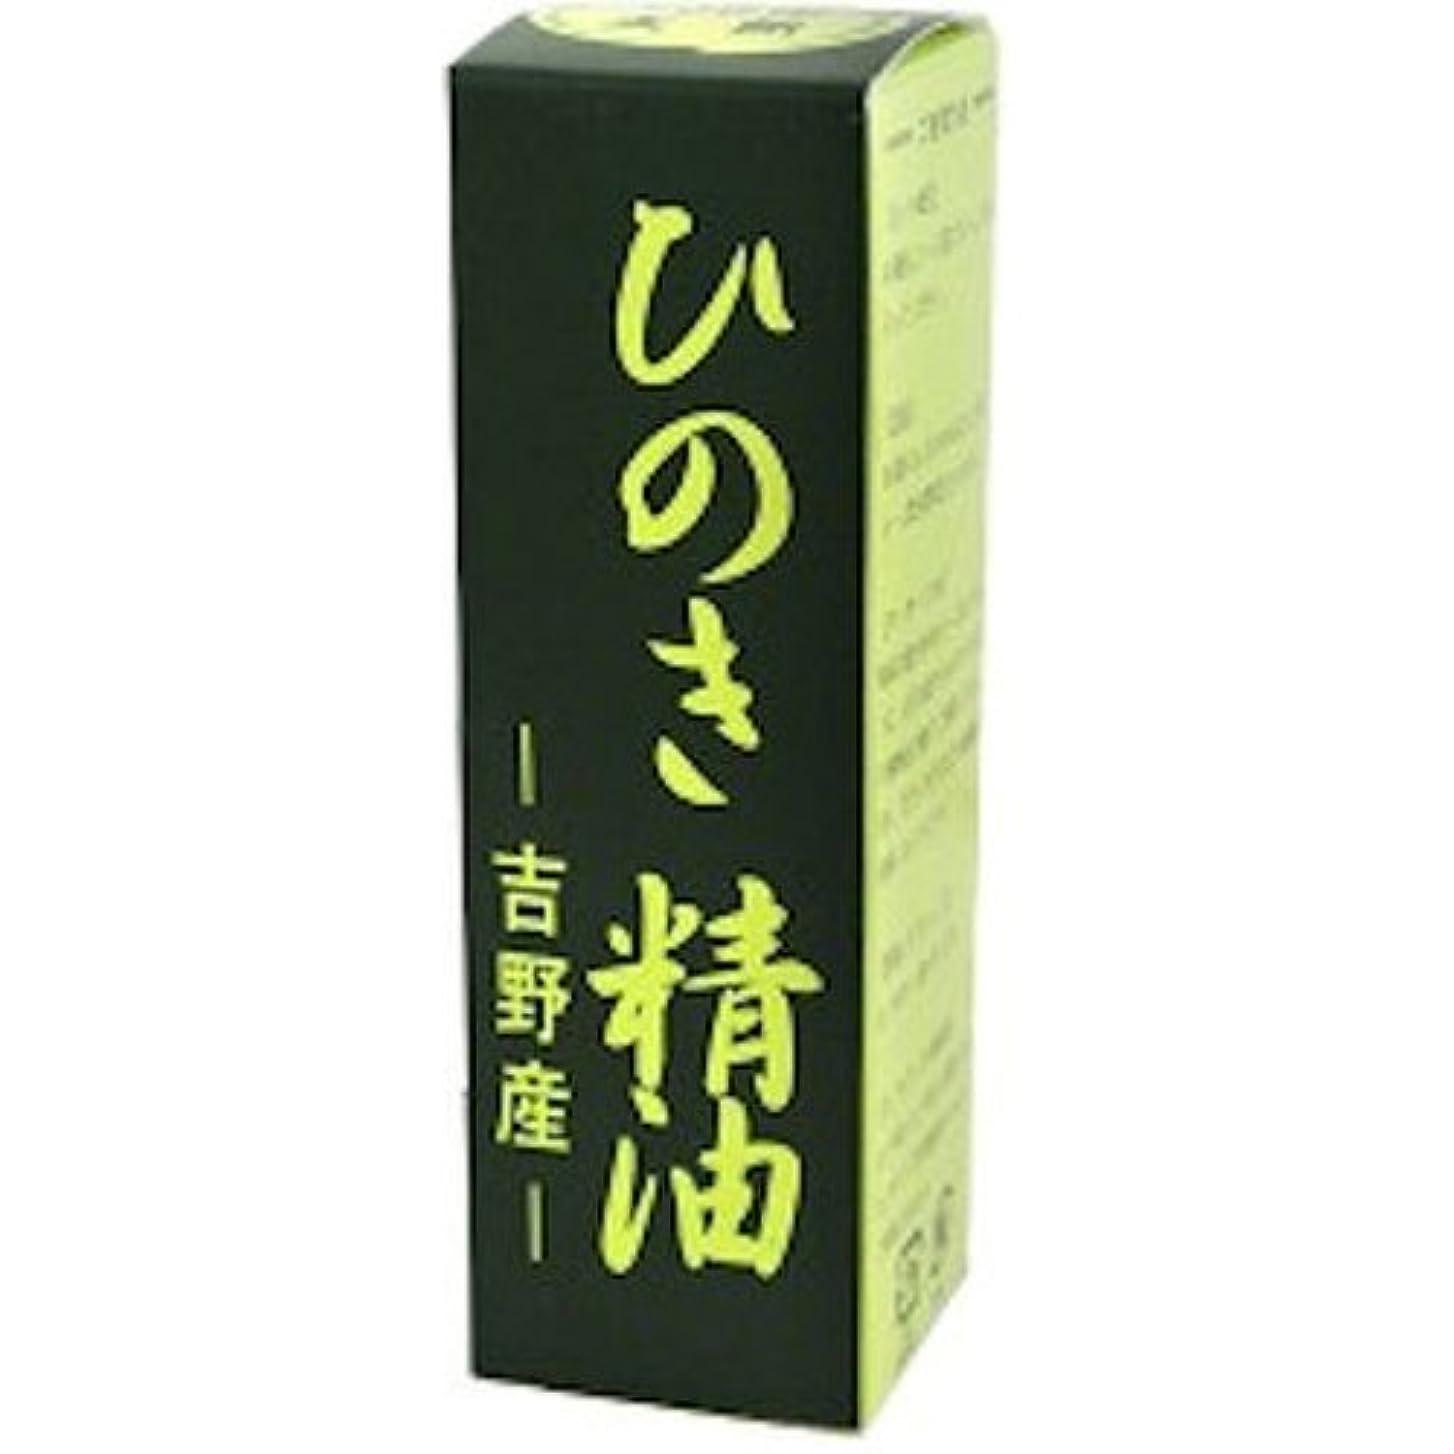 地味な百科事典密輸吉野ひのき精油(エッセンスオイル) 30ml